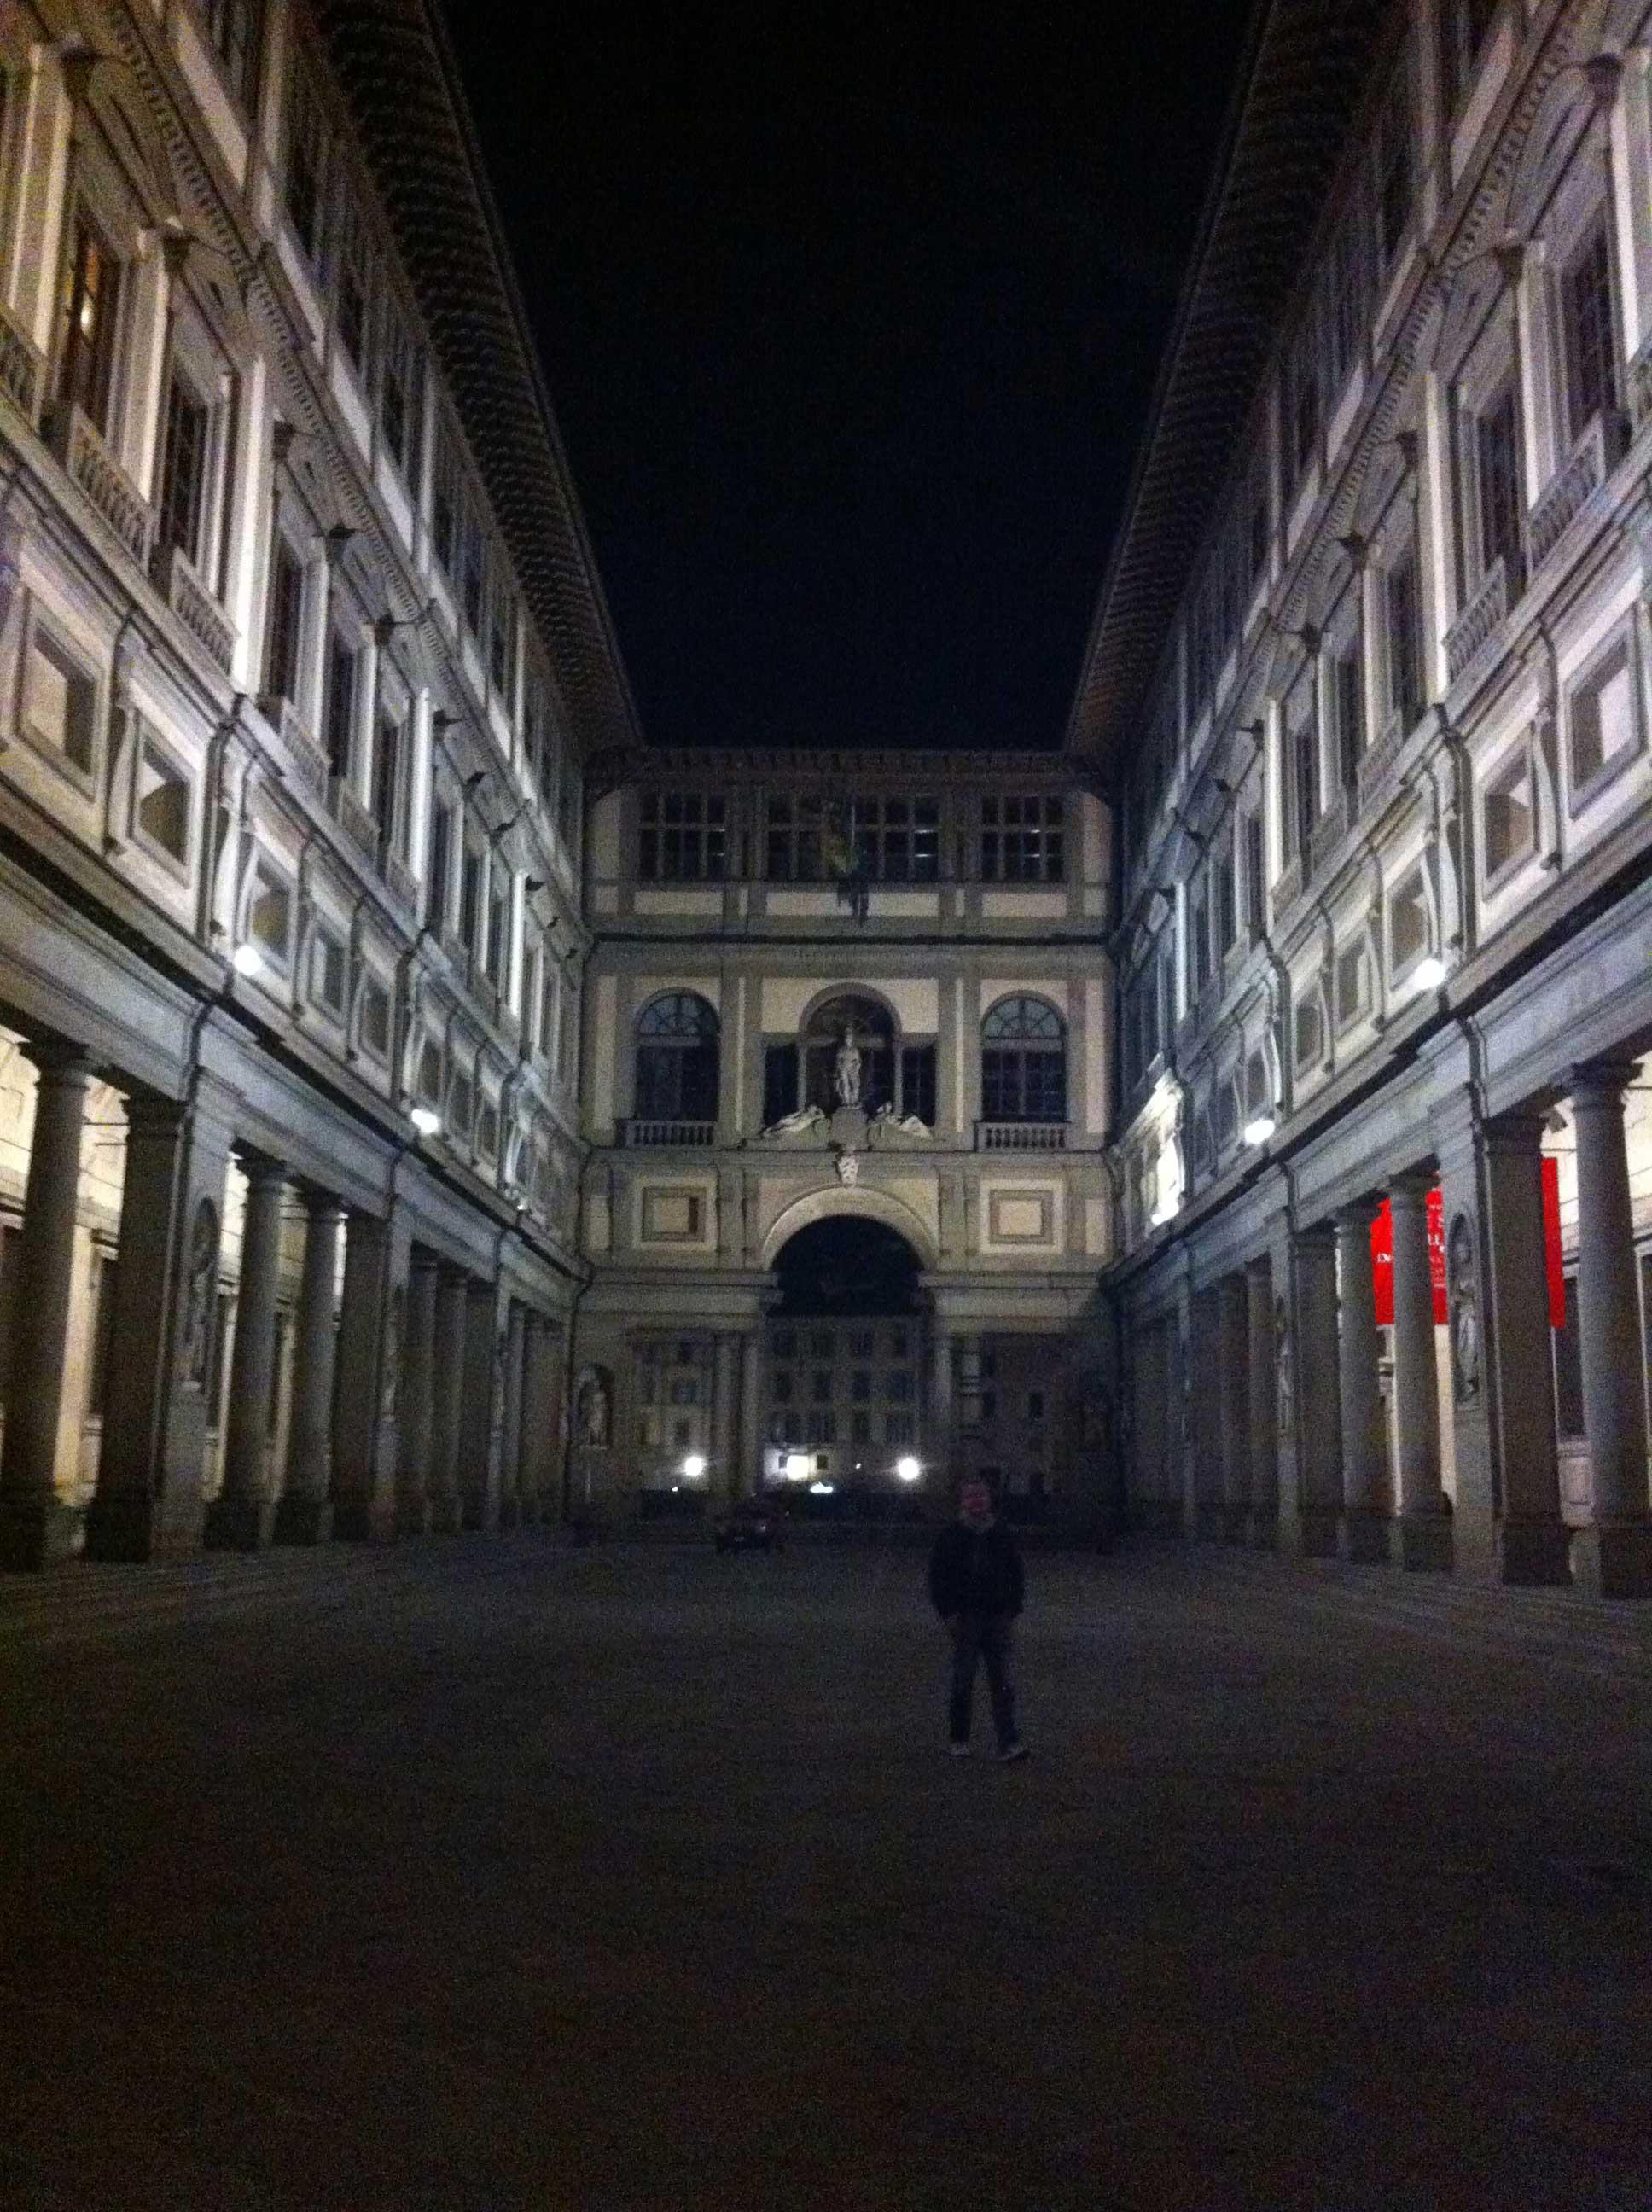 Pallazo Uffizi